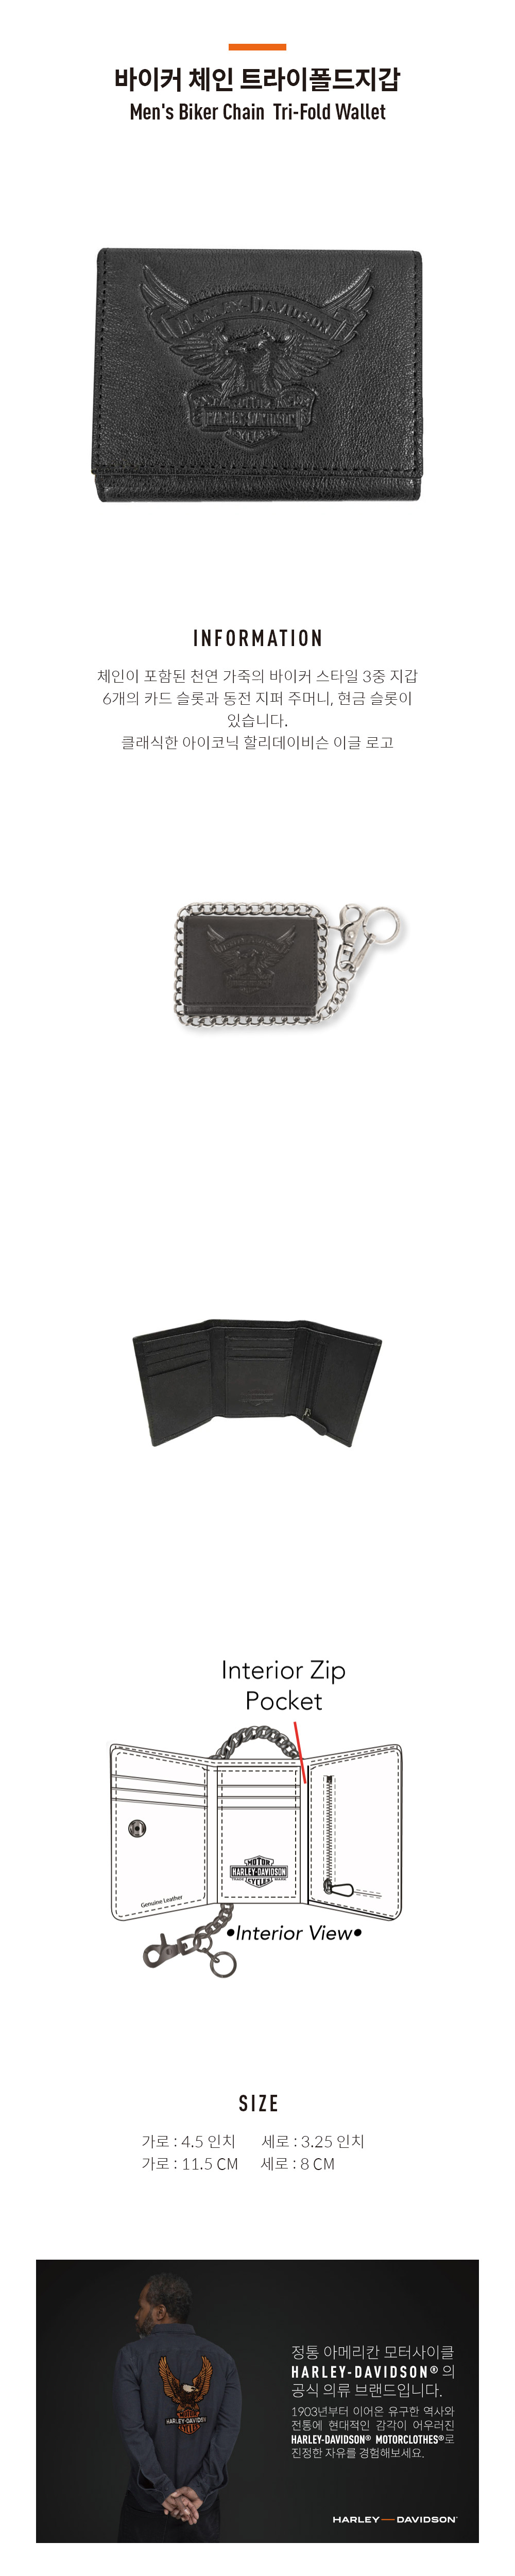 바이커 체인 트라이폴드지갑